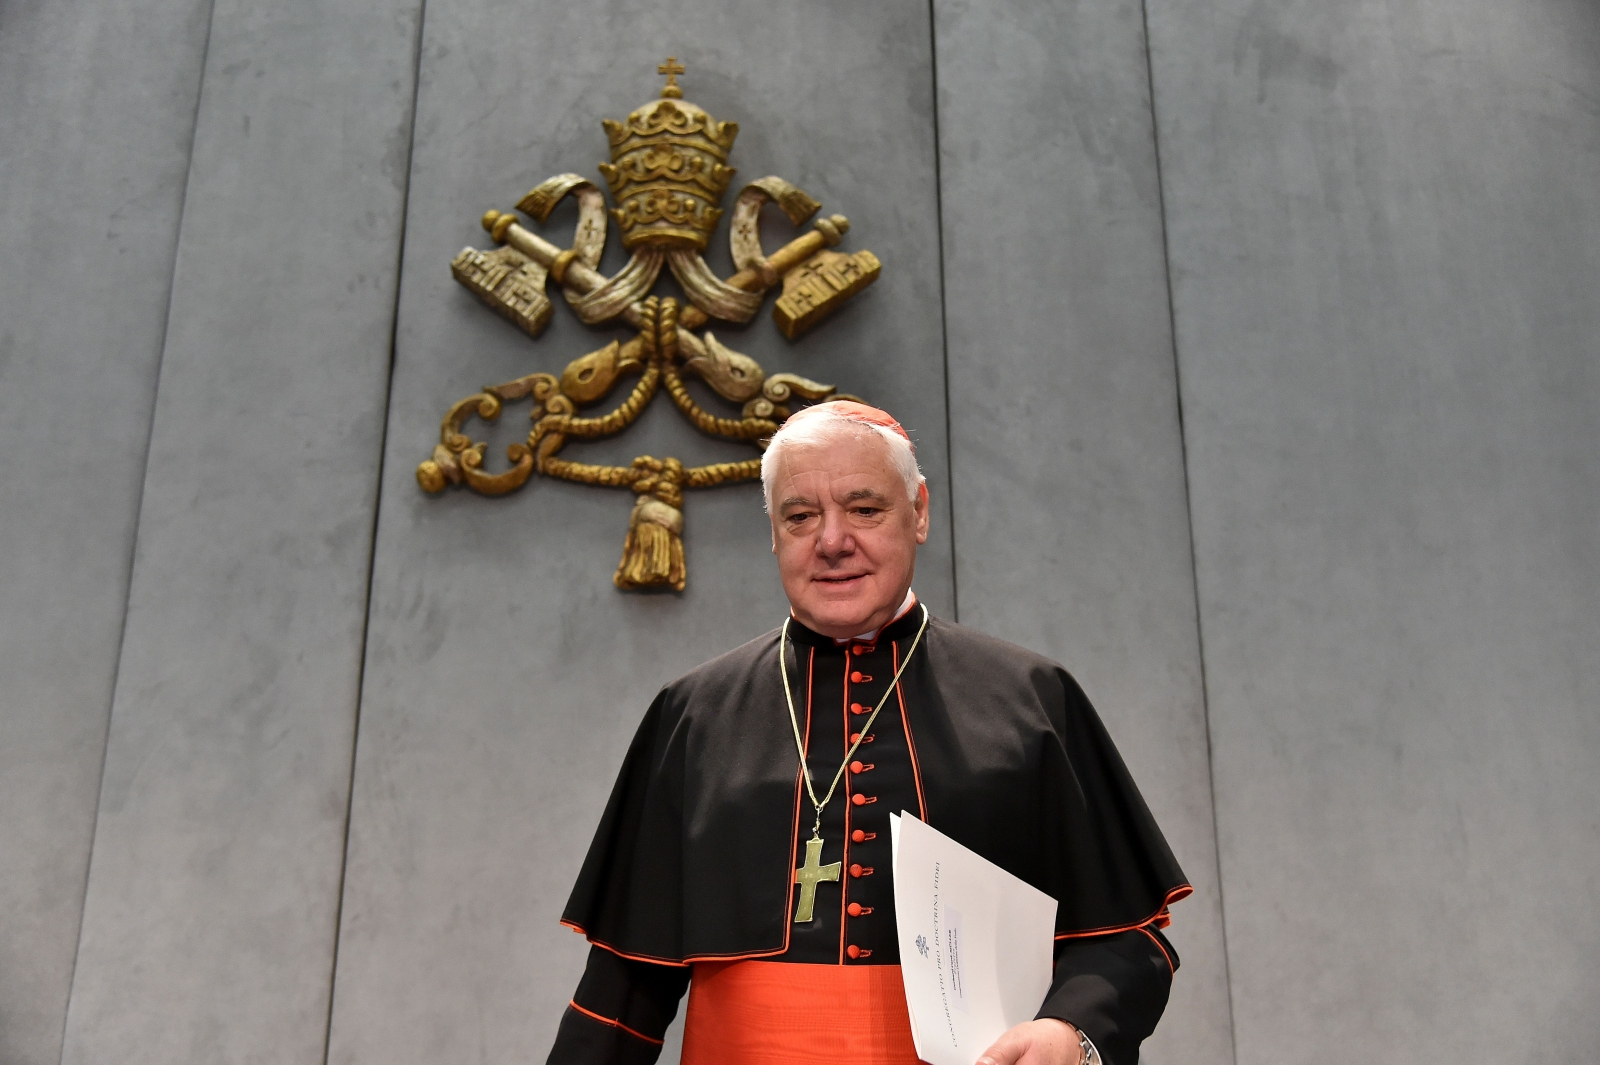 Cardinal Gerhard Muller